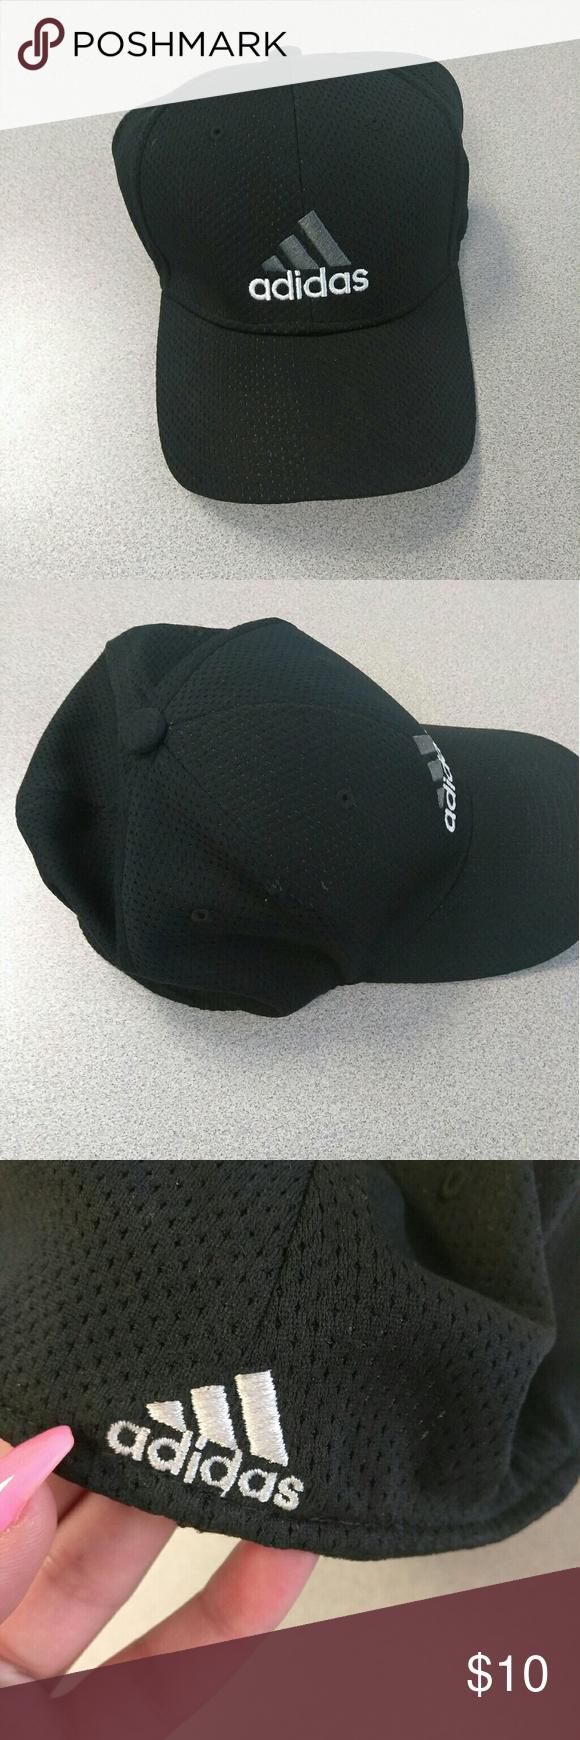 online store 203a9 1bfe5 ... fit cap 1a728 e8729  official store adidas black cap adidas a flex pat  no. 6493880 adidas other 43b15 e0c17